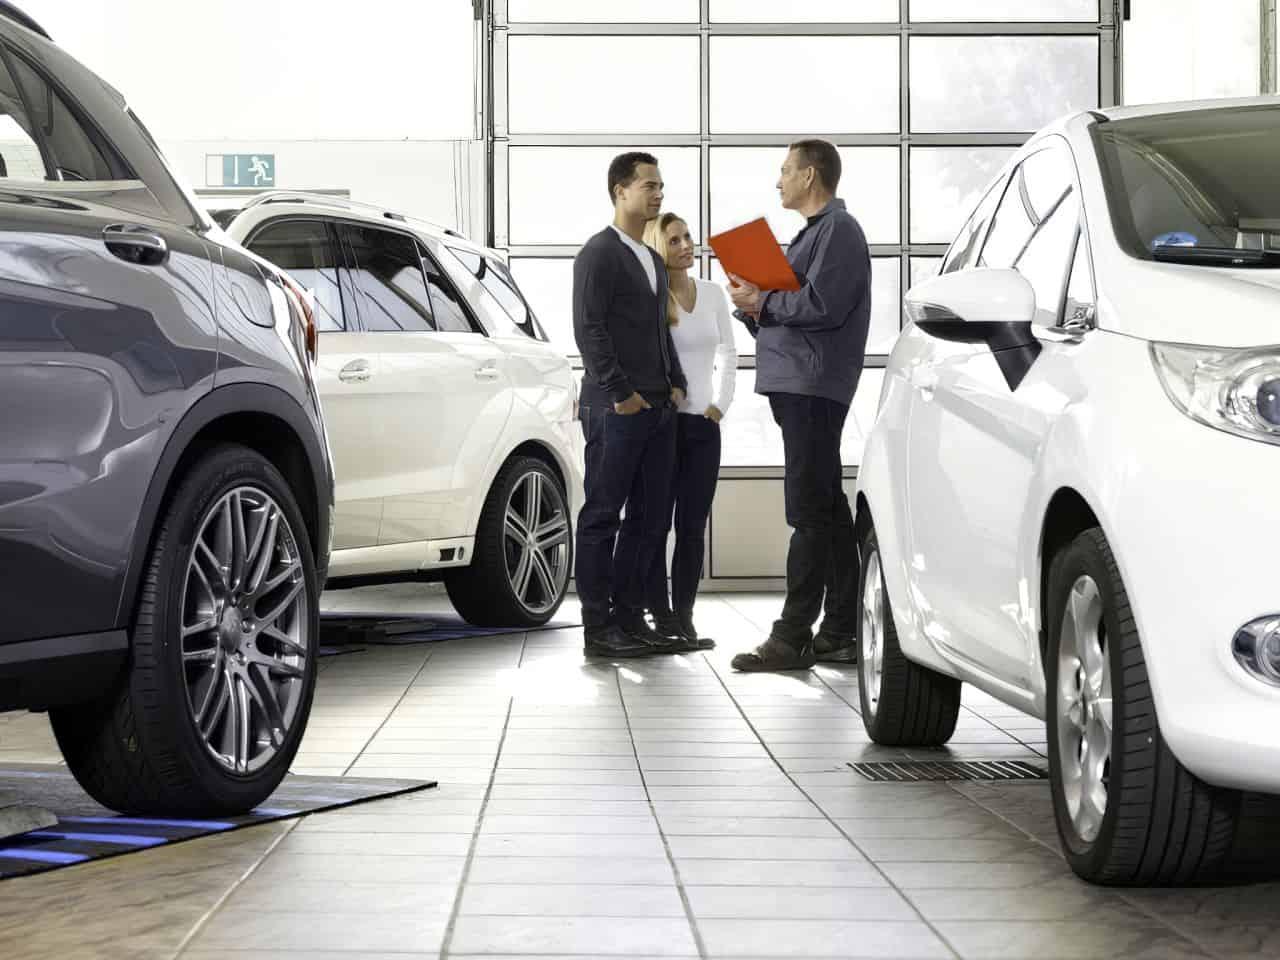 negotating a car sale adjust